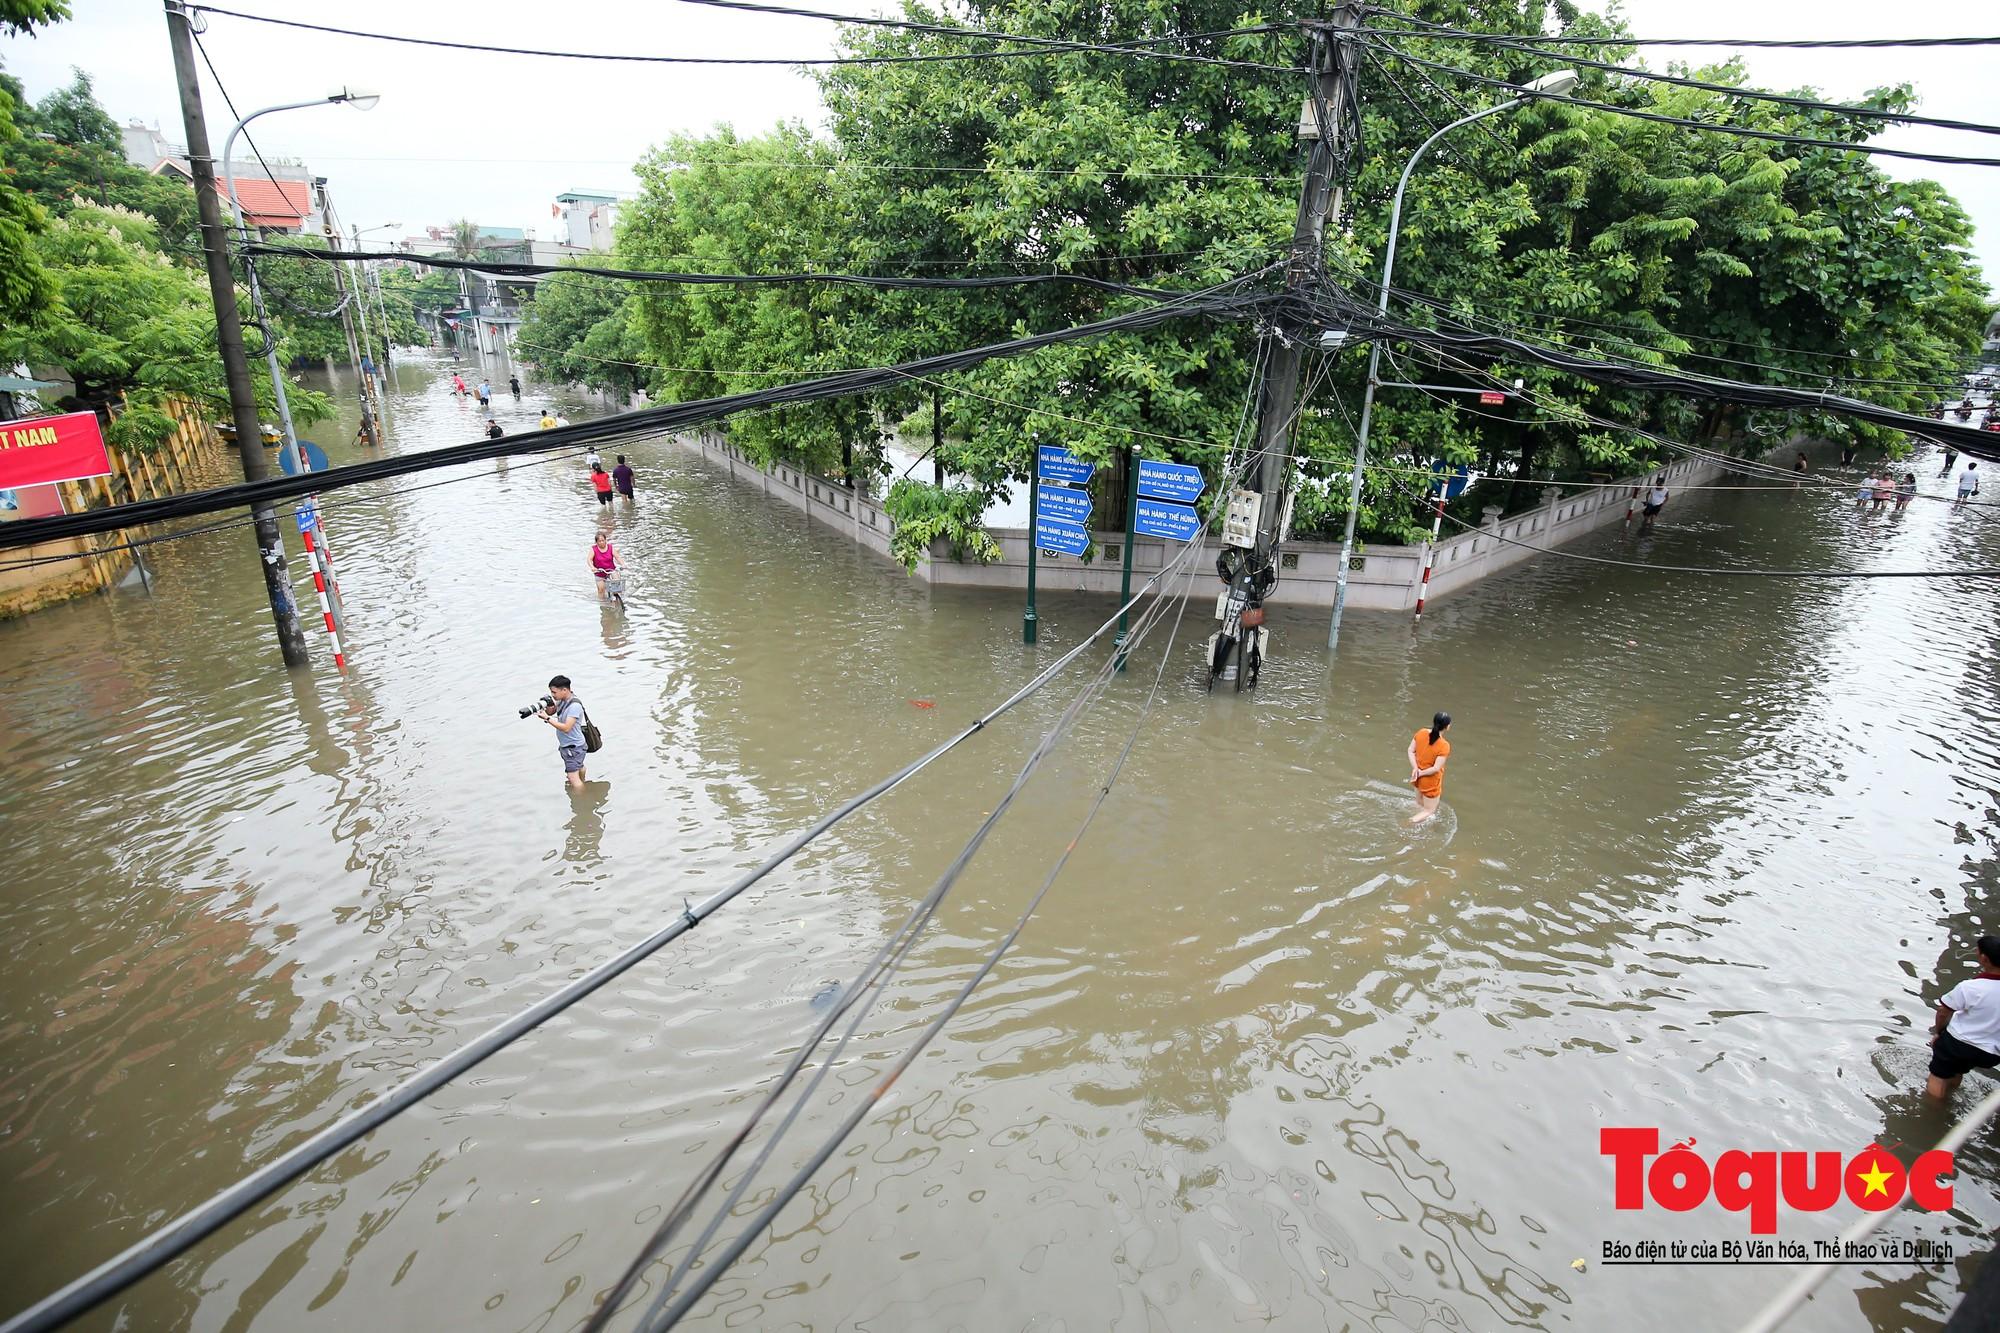 Hình ảnh xưa nay hiếm ở Thủ đô Hà Nội  cha mẹ cõng con vượt sông trong phố đến trường14